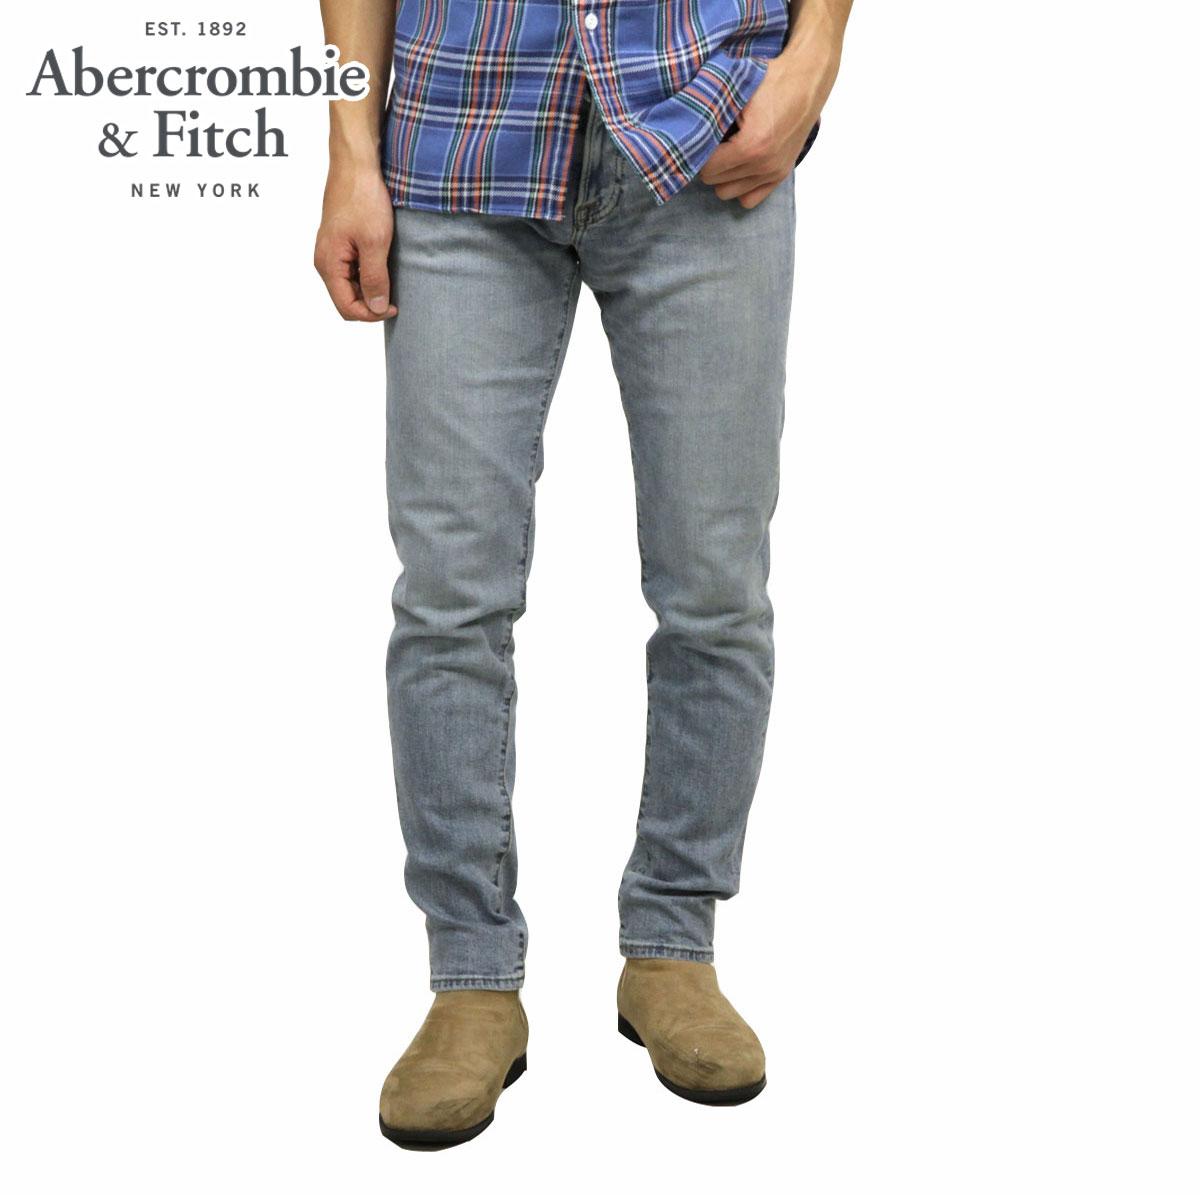 アバクロ Abercrombie&Fitch 正規品 メンズ スキニージーンズ ATHLETIC SKINNY JEANS 131-318-1278-278